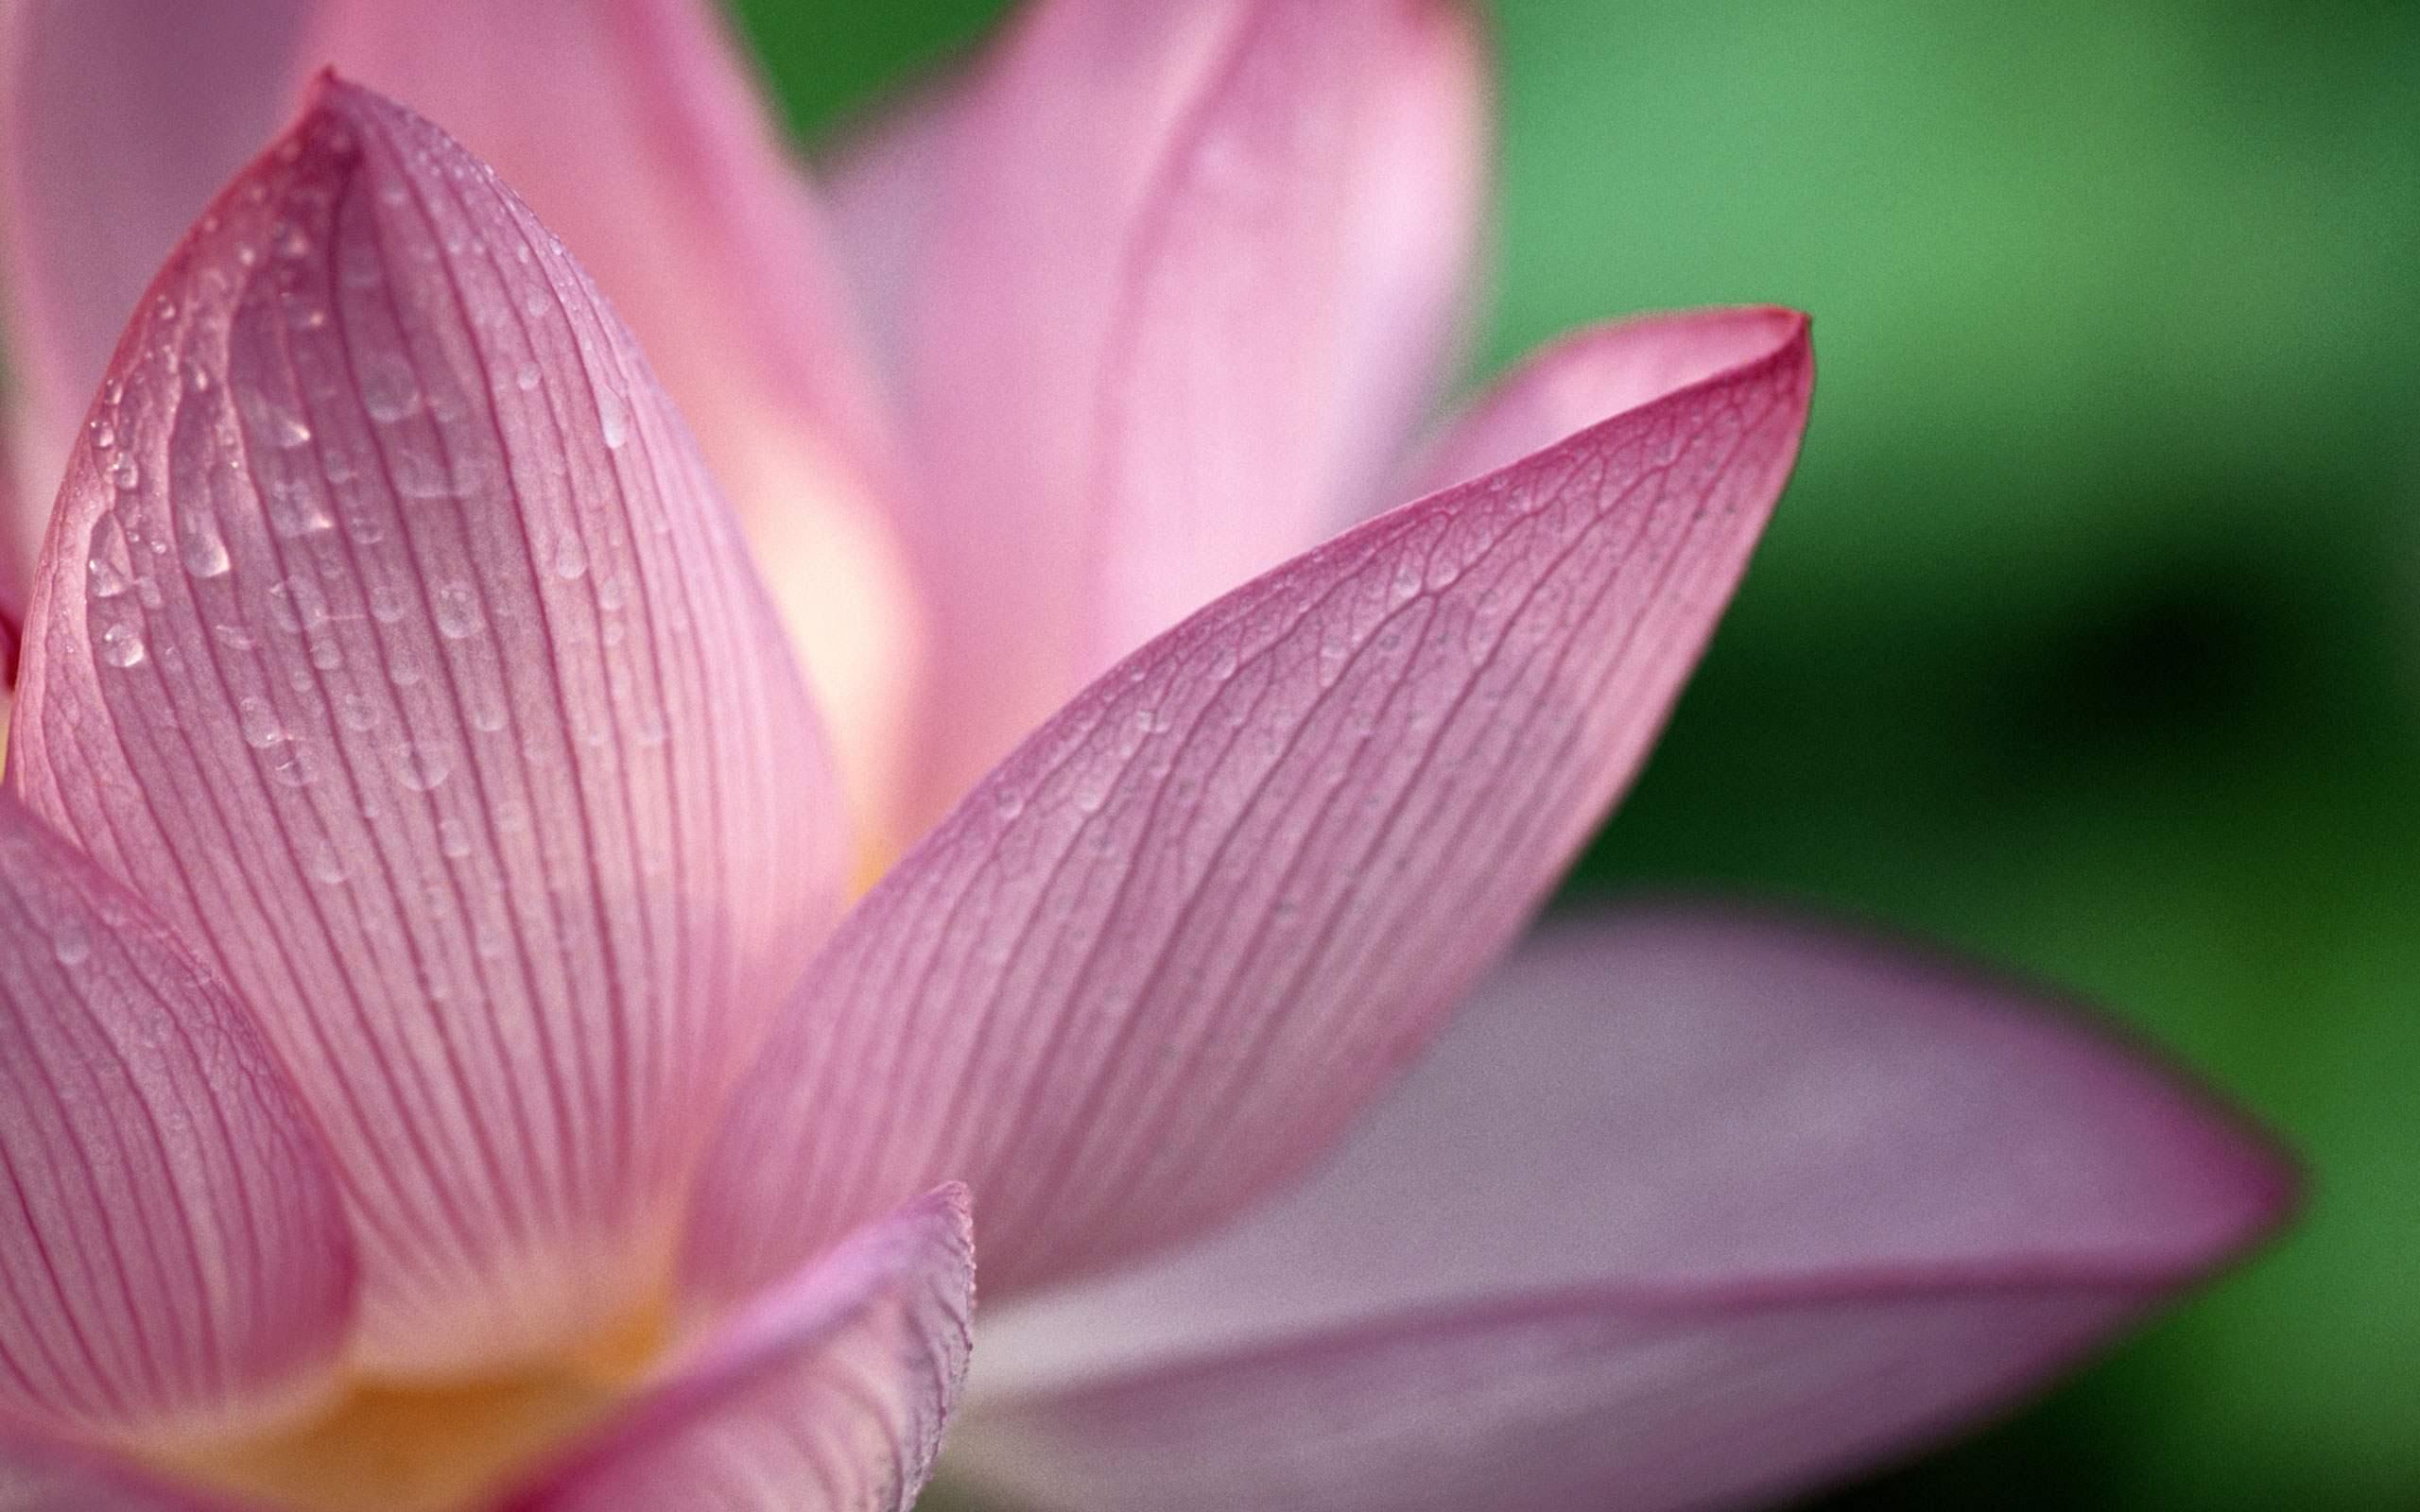 La sagesse bouddhiste bouddhiste - Fleur de lotus bouddhisme ...